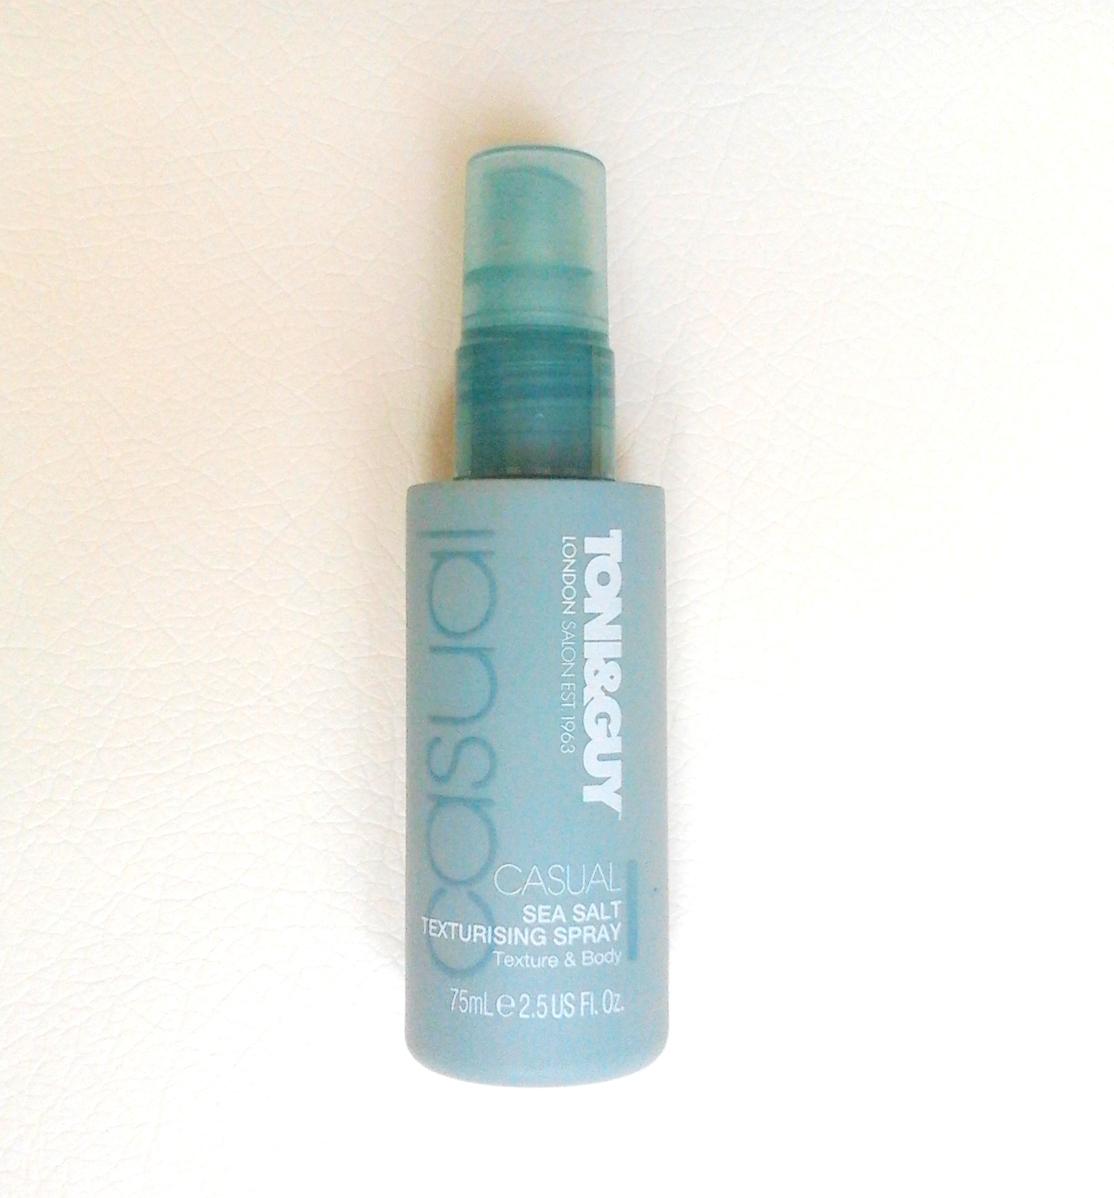 Спрей для волос toni guy casual sea salt texturising spray отзывы